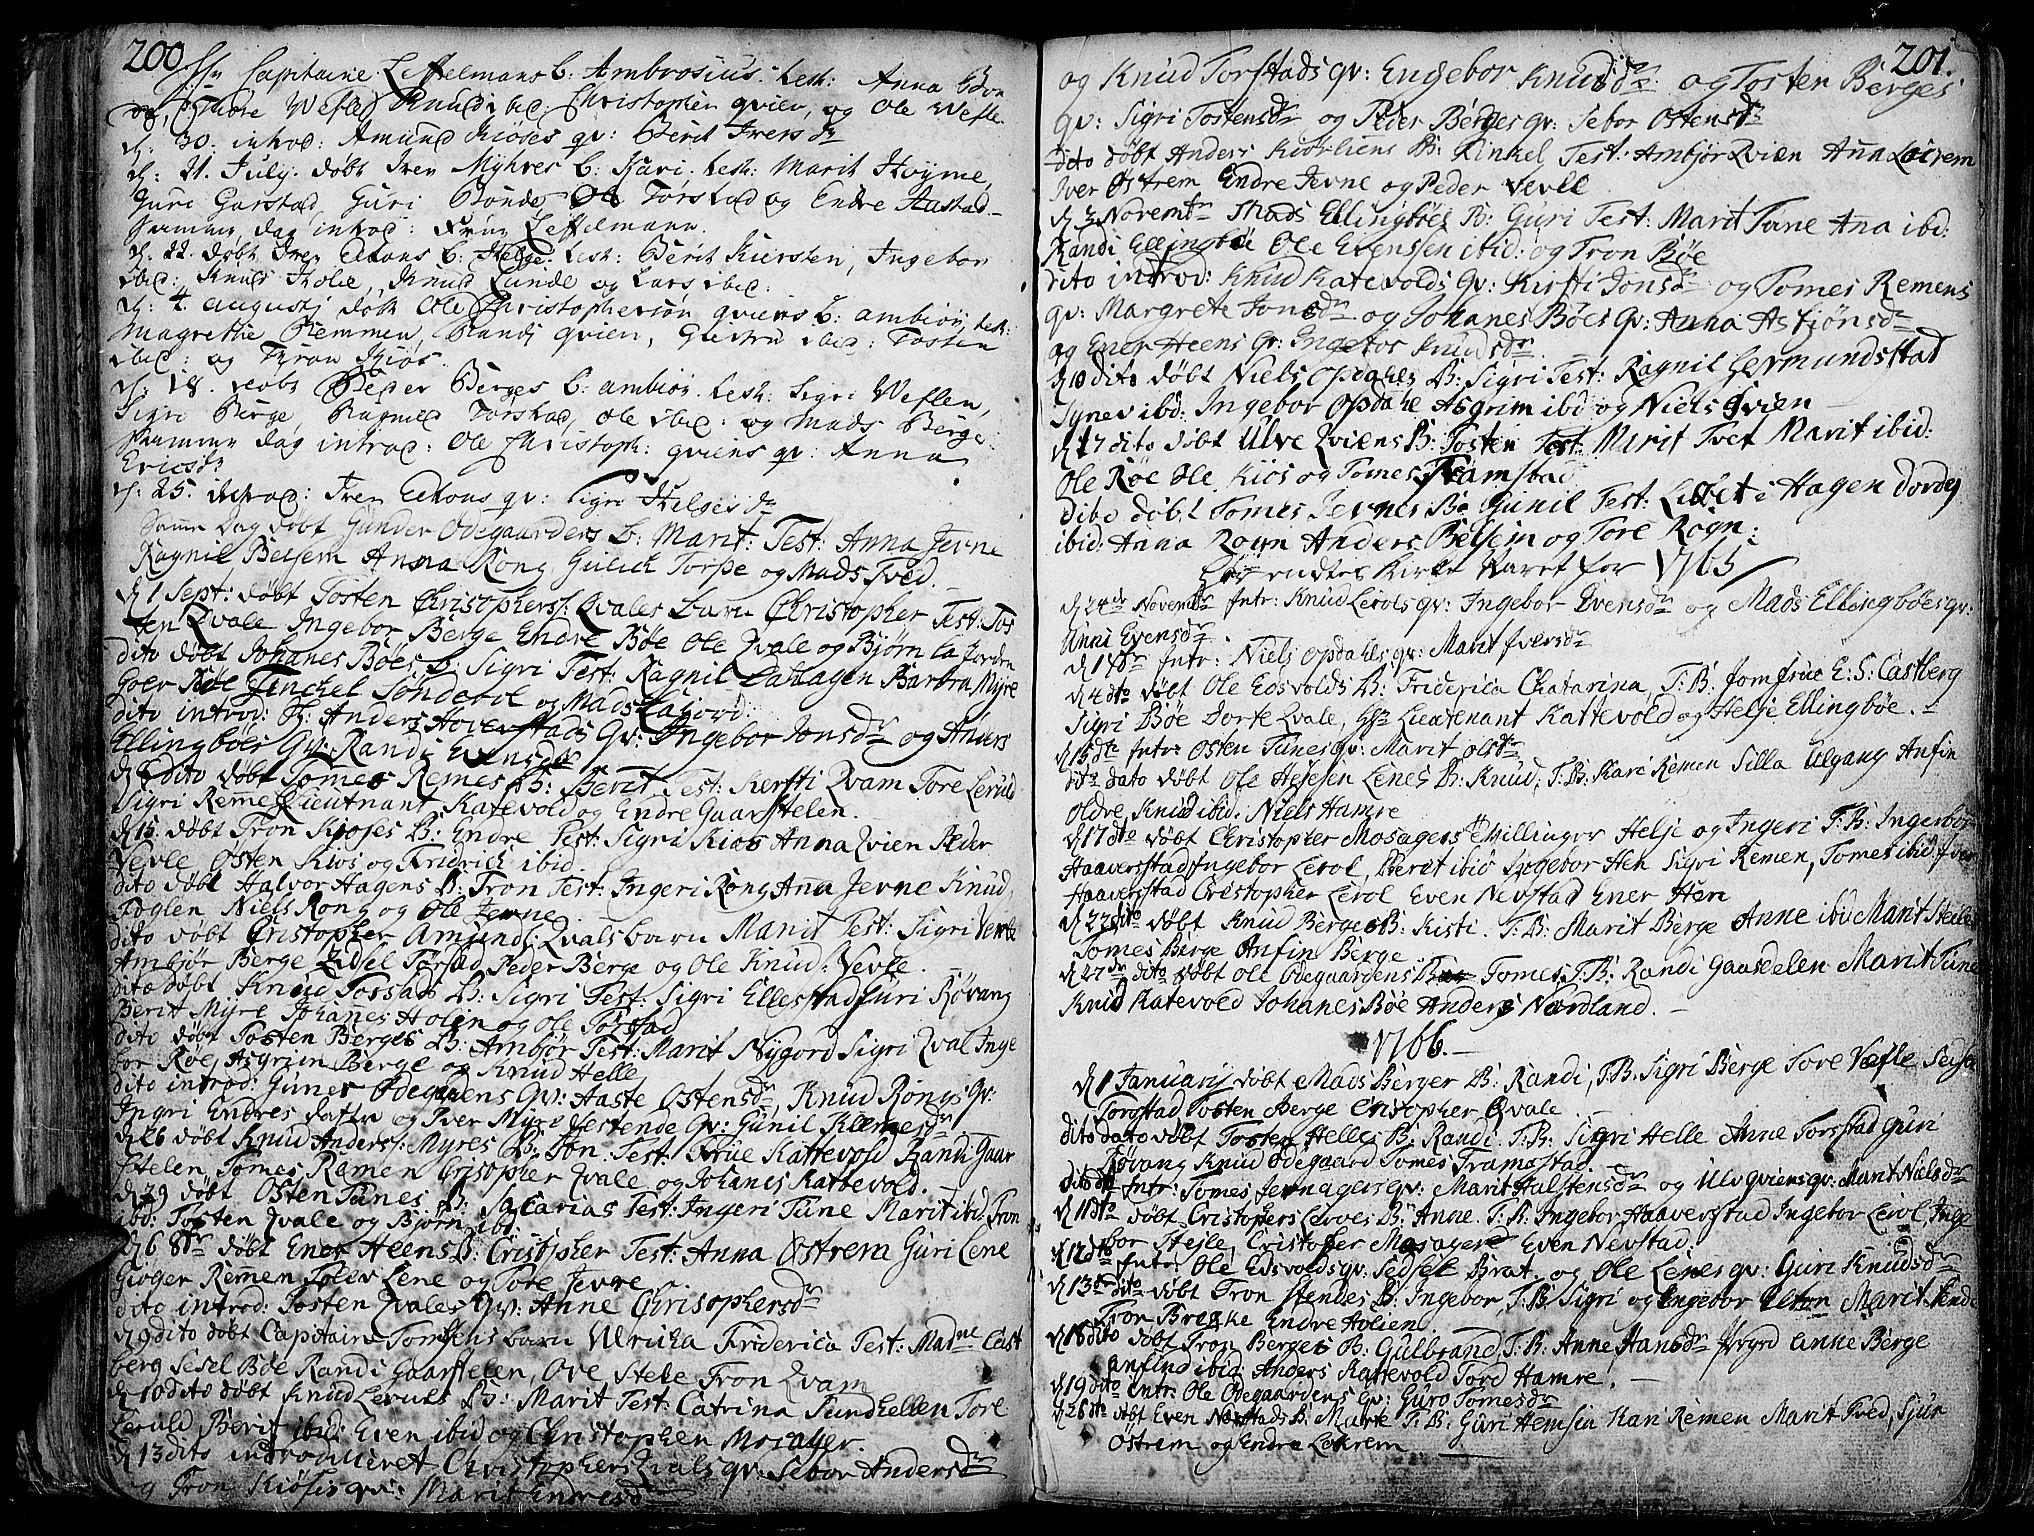 SAH, Vang prestekontor, Valdres, Ministerialbok nr. 1, 1730-1796, s. 200-201